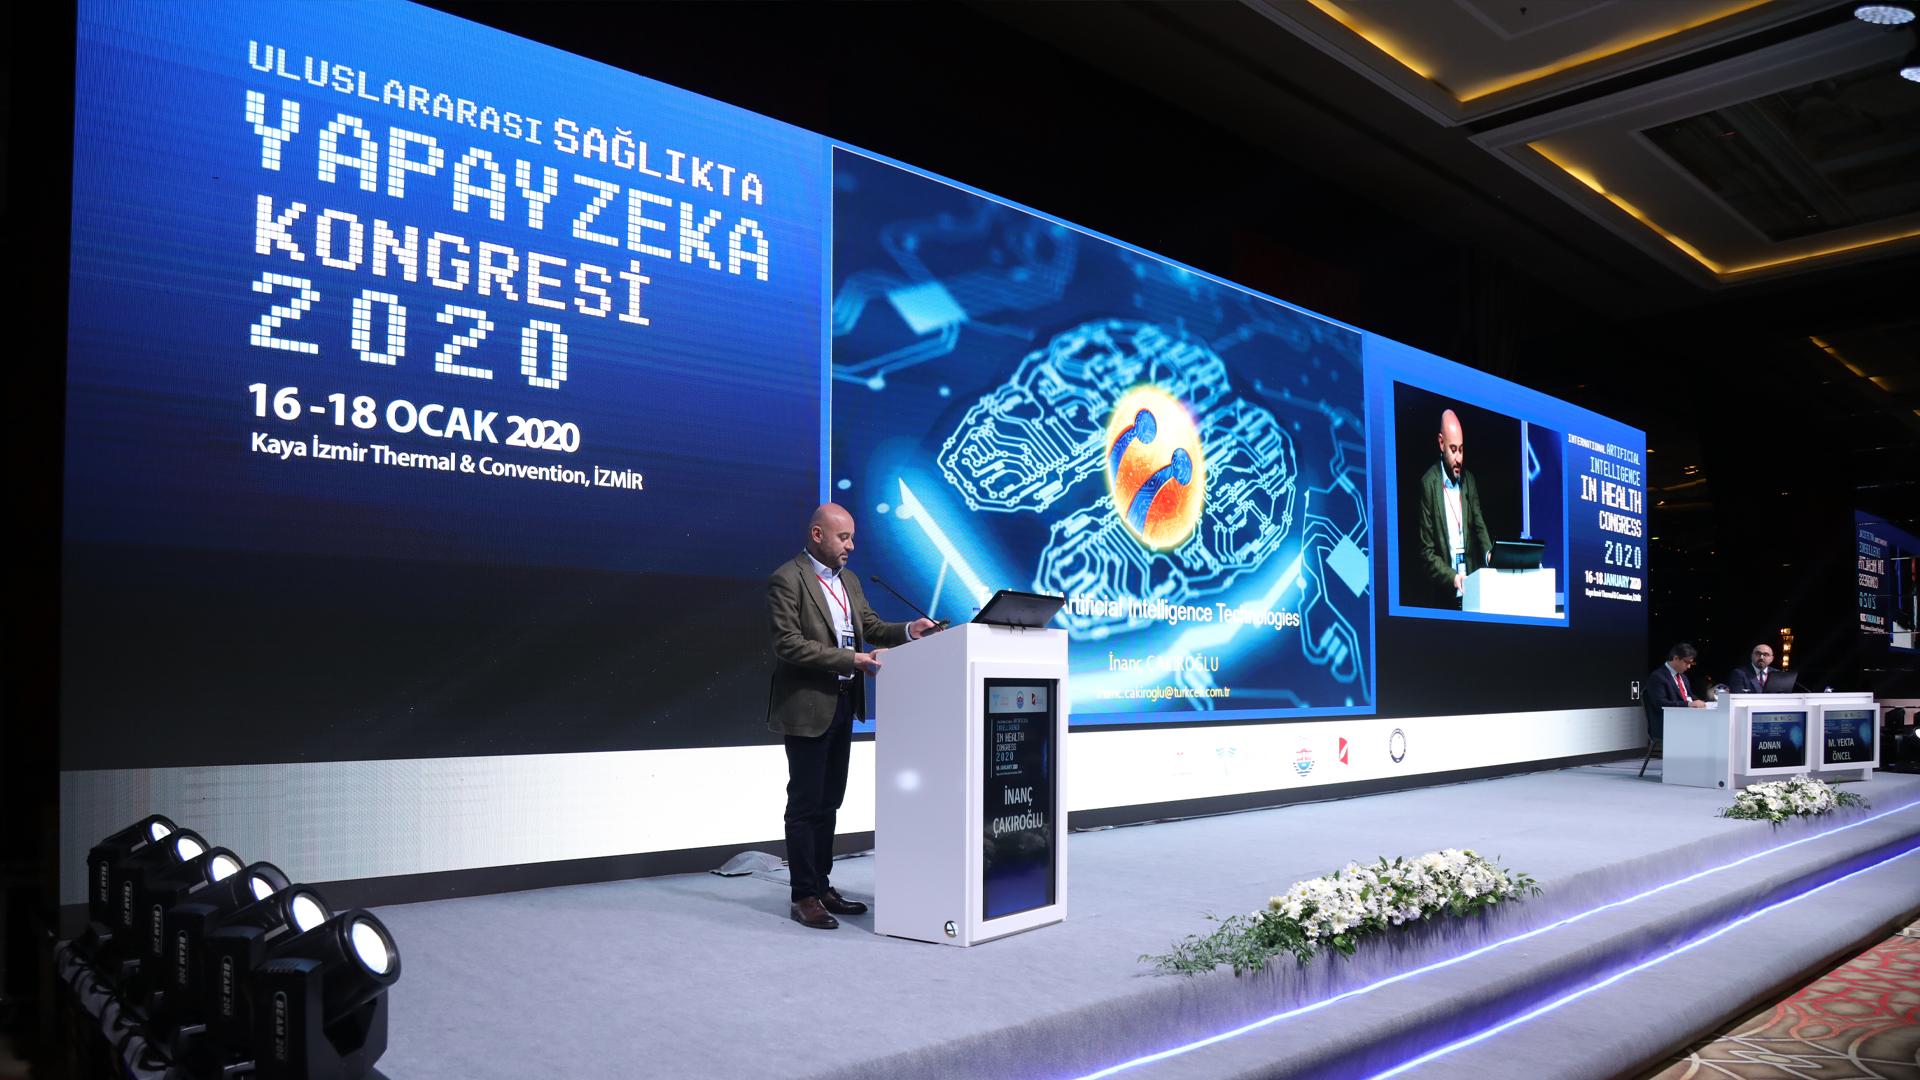 Uluslararası Sağlıkta Yapay Zeka Kongresi